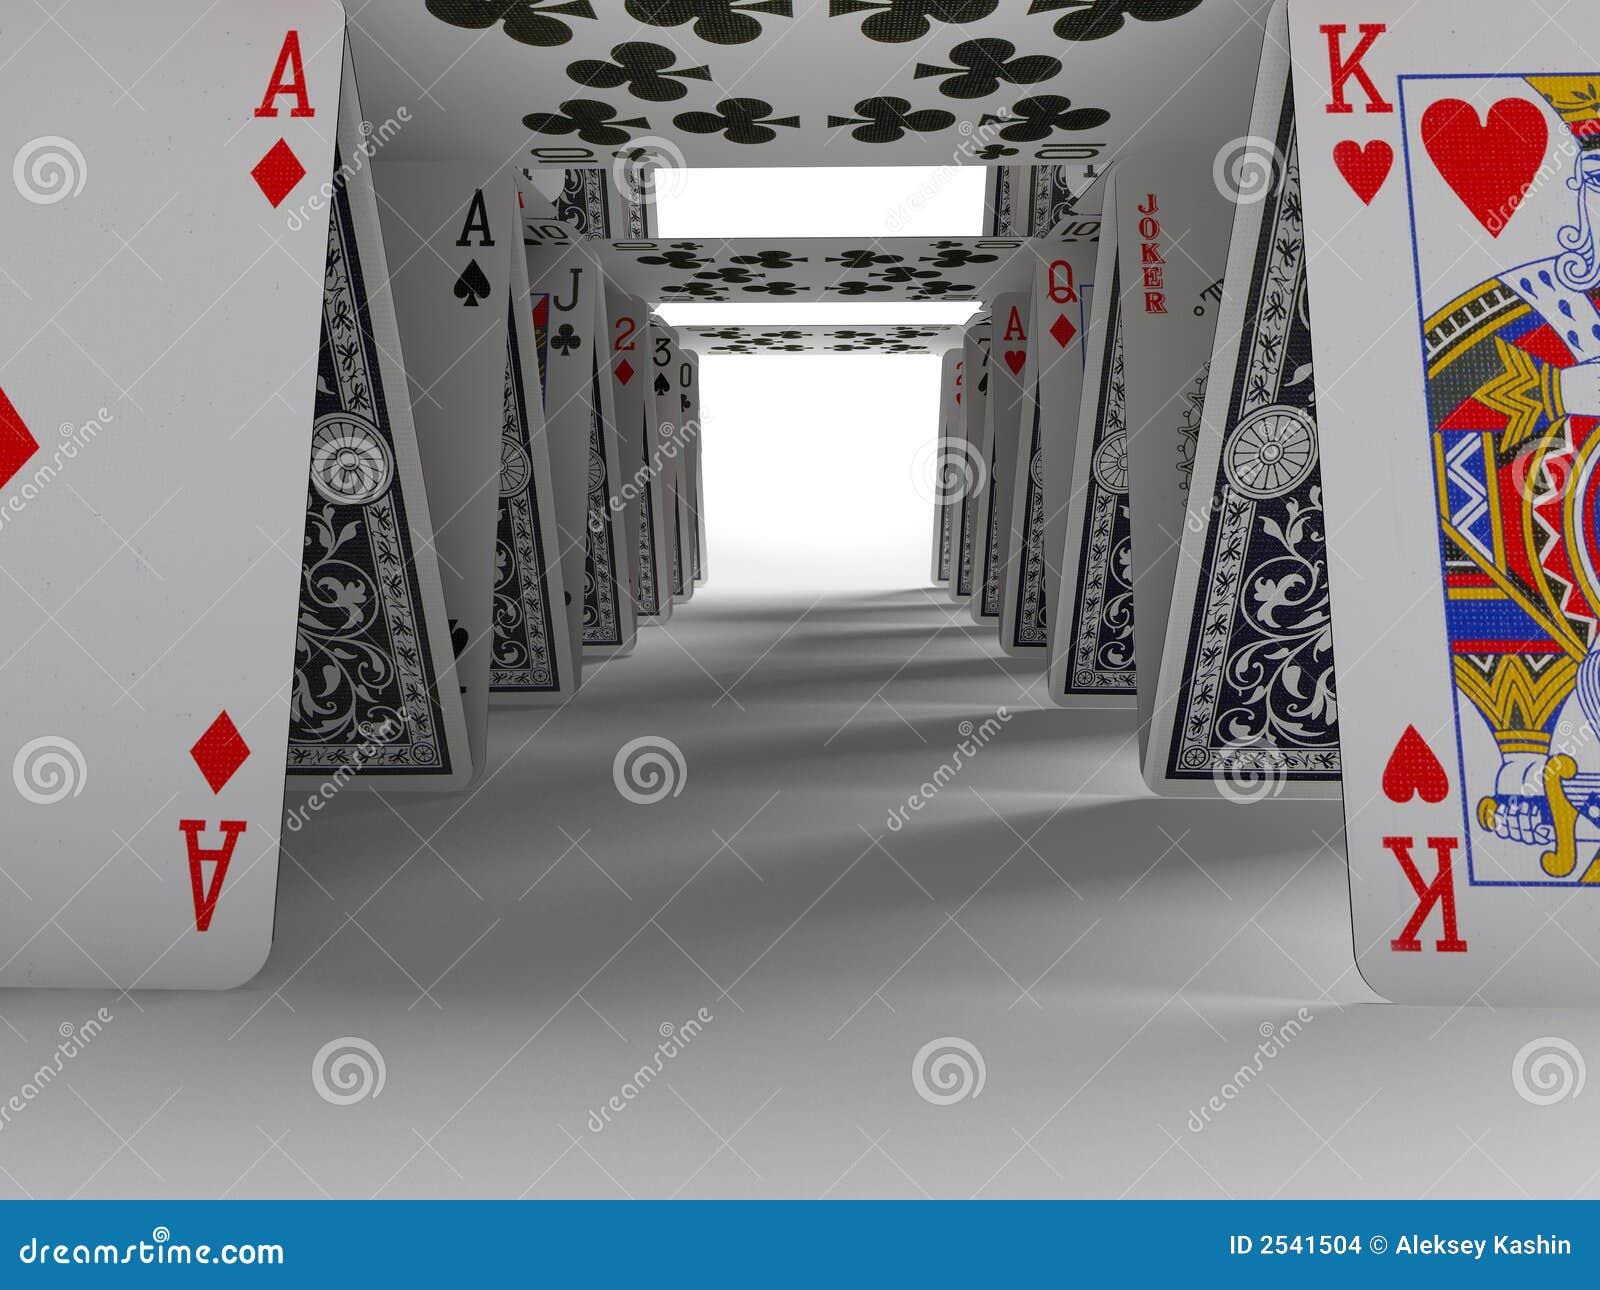 The card house